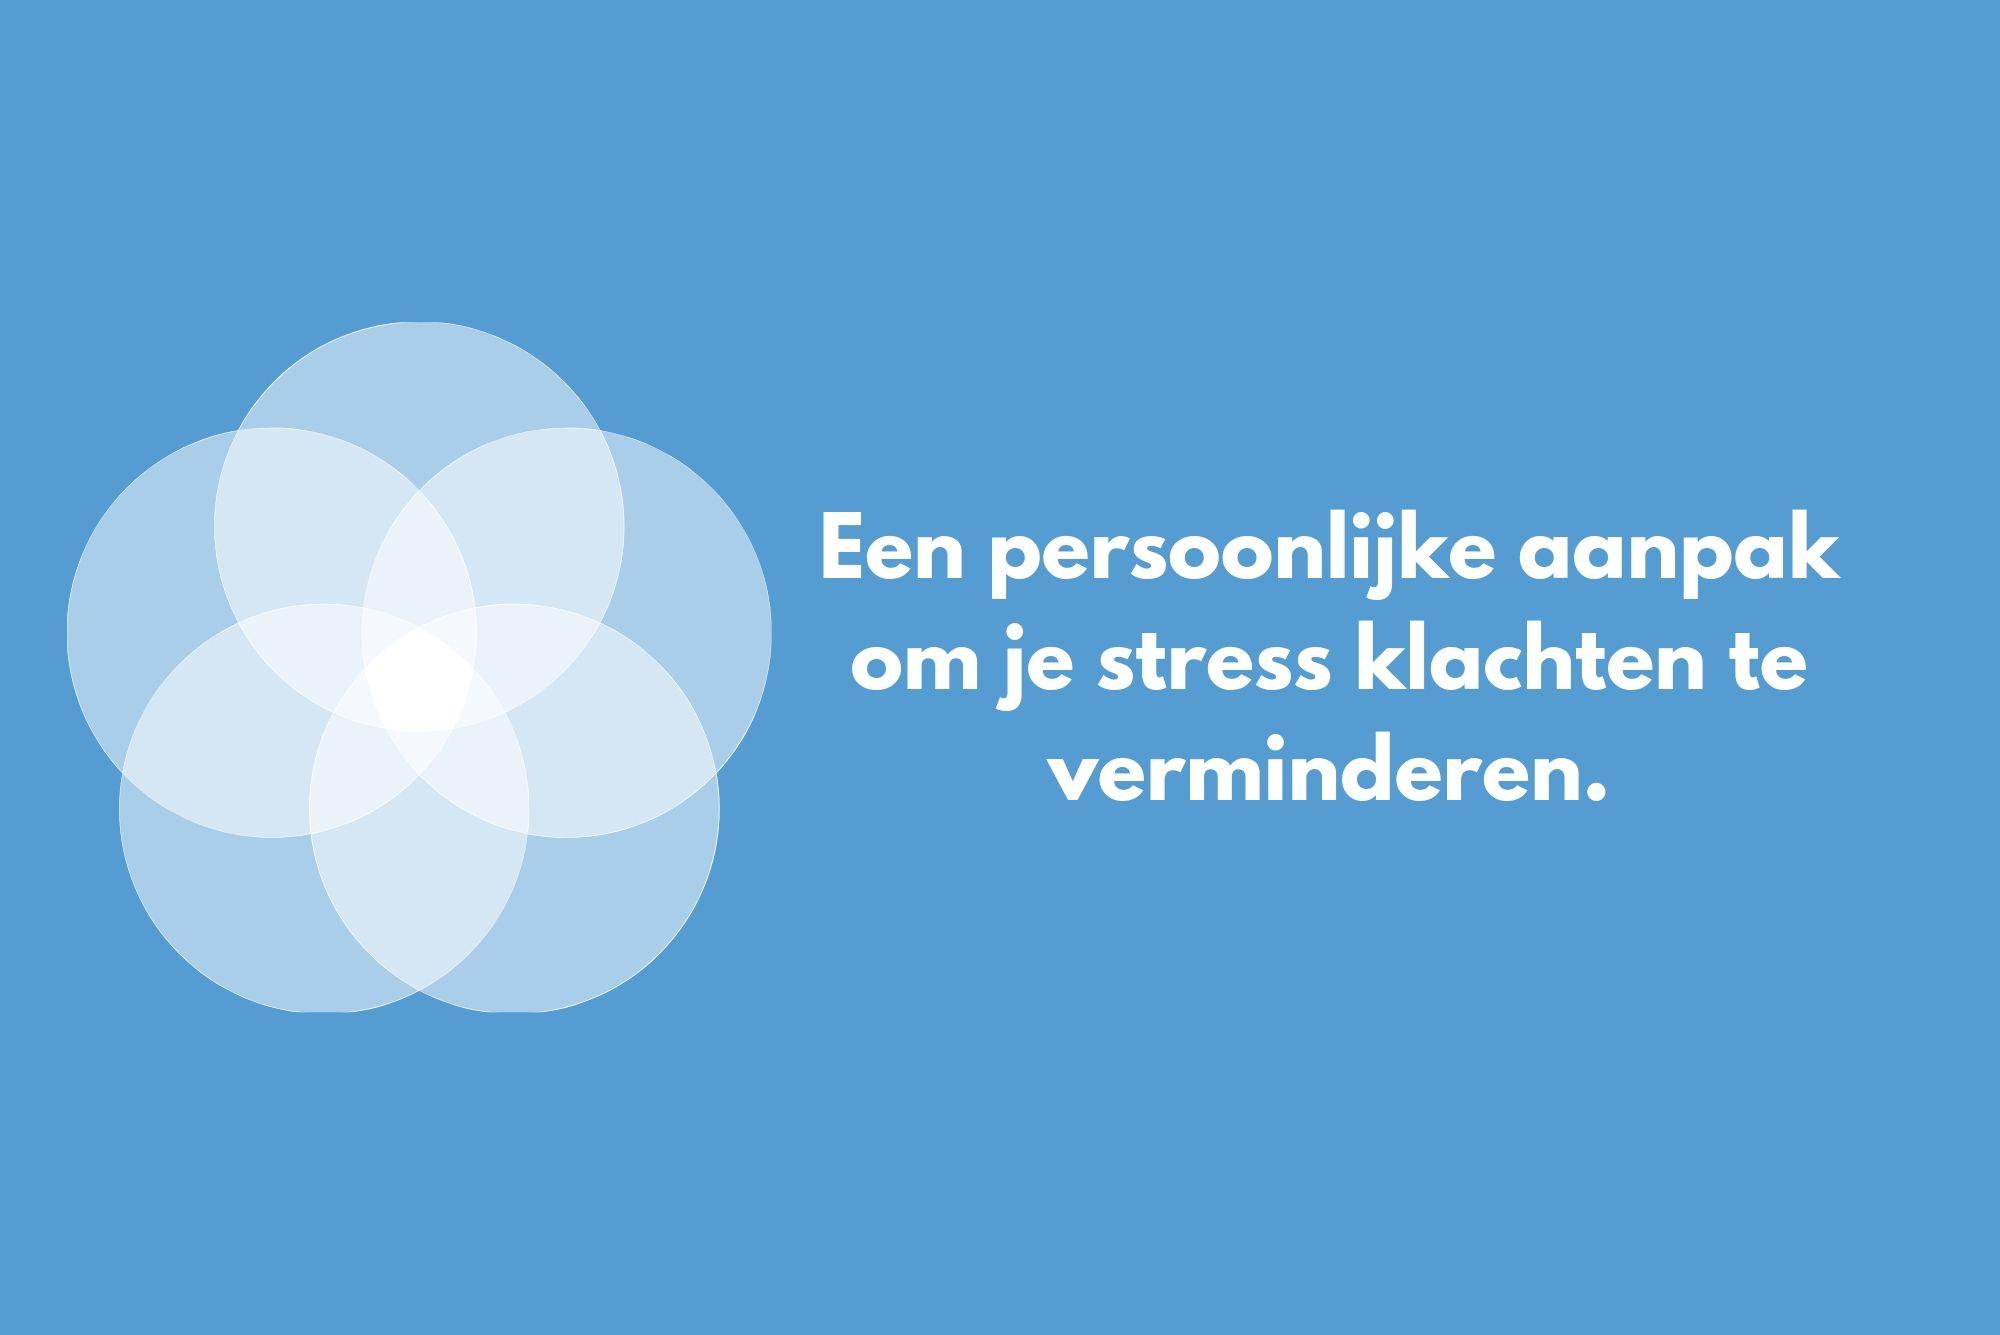 Welkom bij je persoonlijke stress aanpak